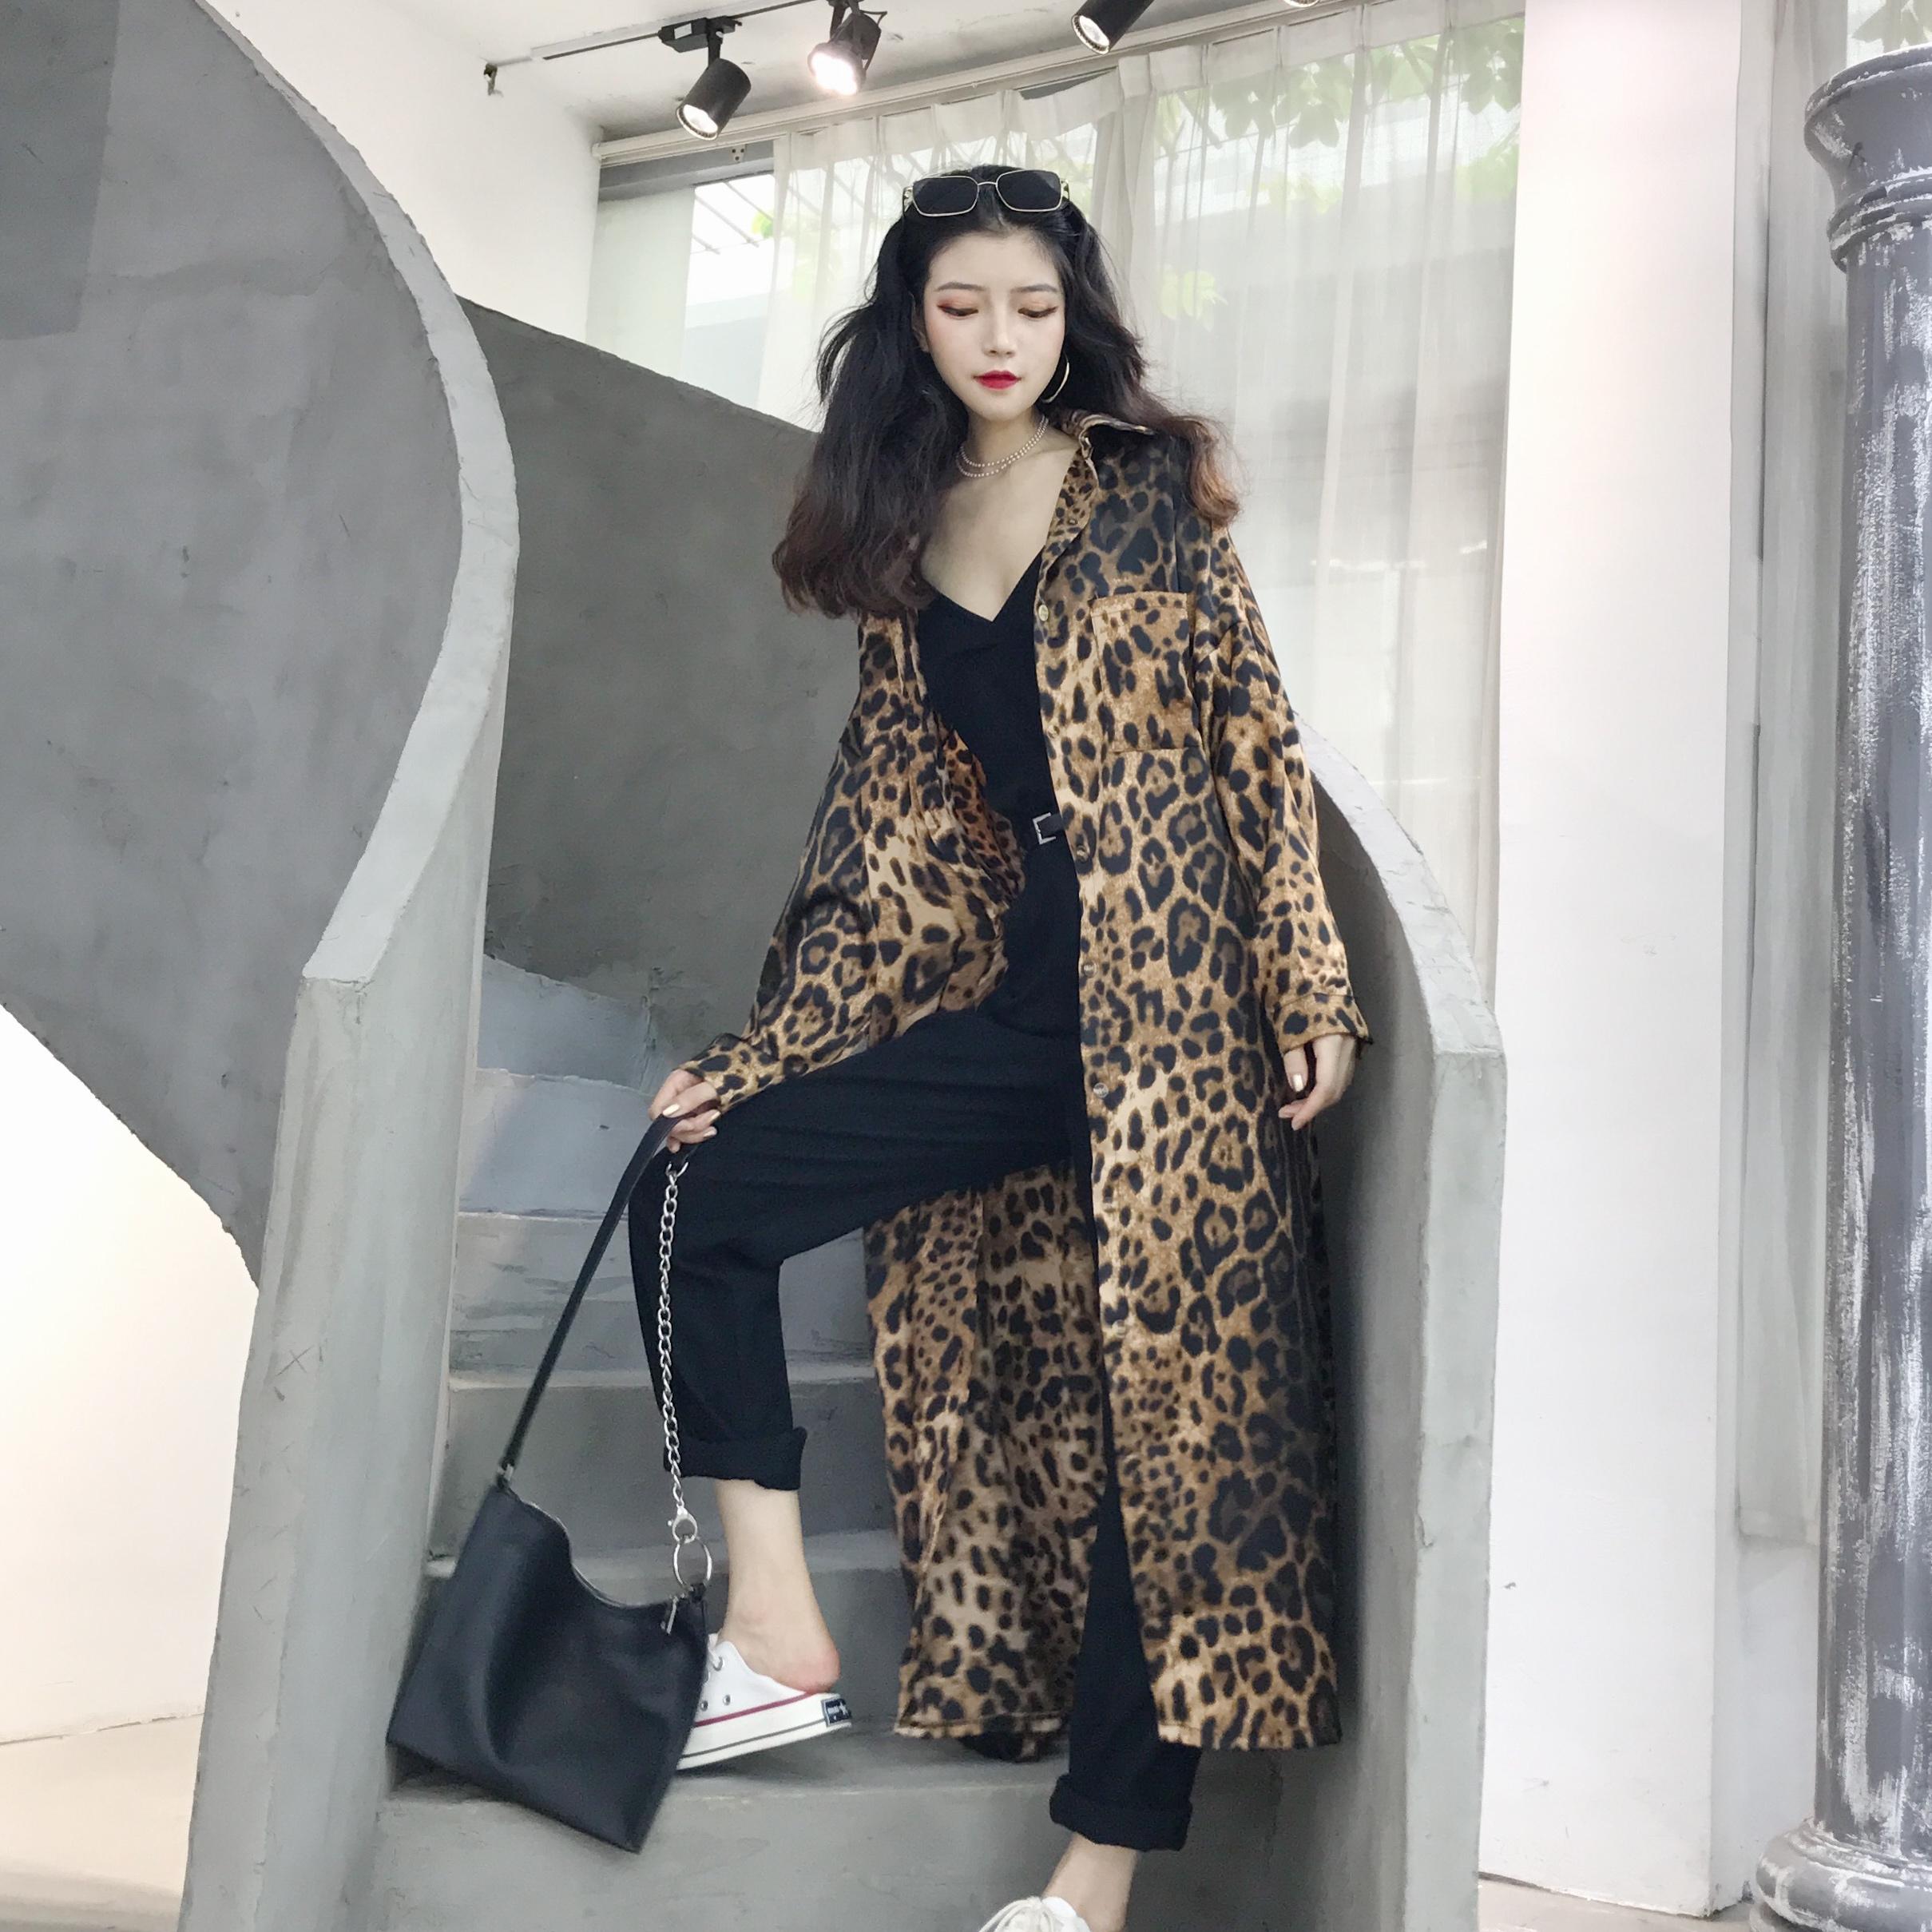 衬衫女长袖2018春装新款韩版豹纹上衣复古宽松显瘦长款衬衫外套潮